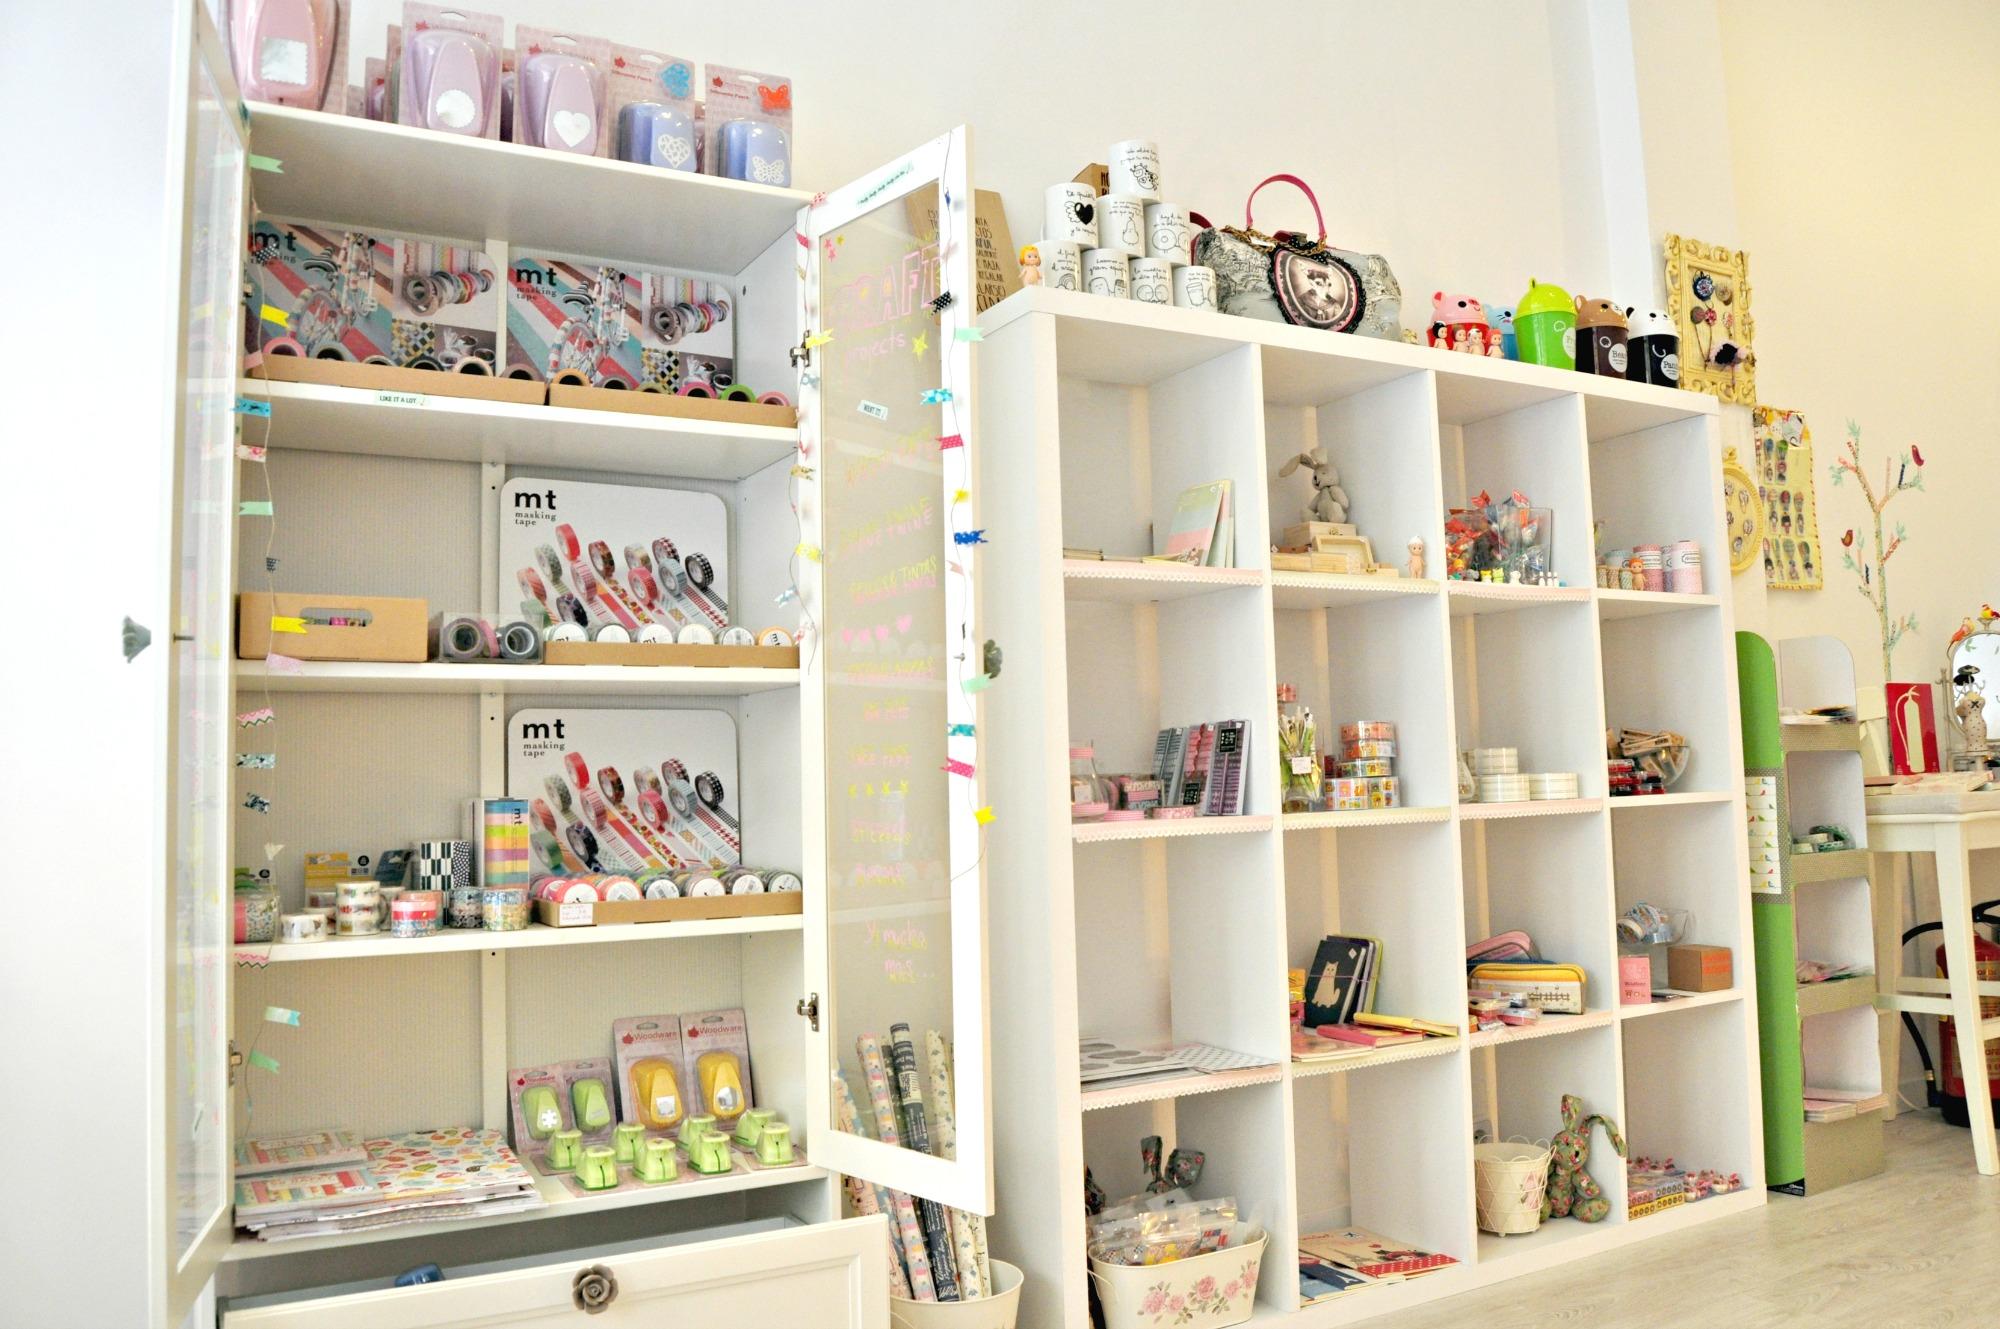 Souffl una tienda muy inspiradora en madrid muymolon - Productos de decoracion ...